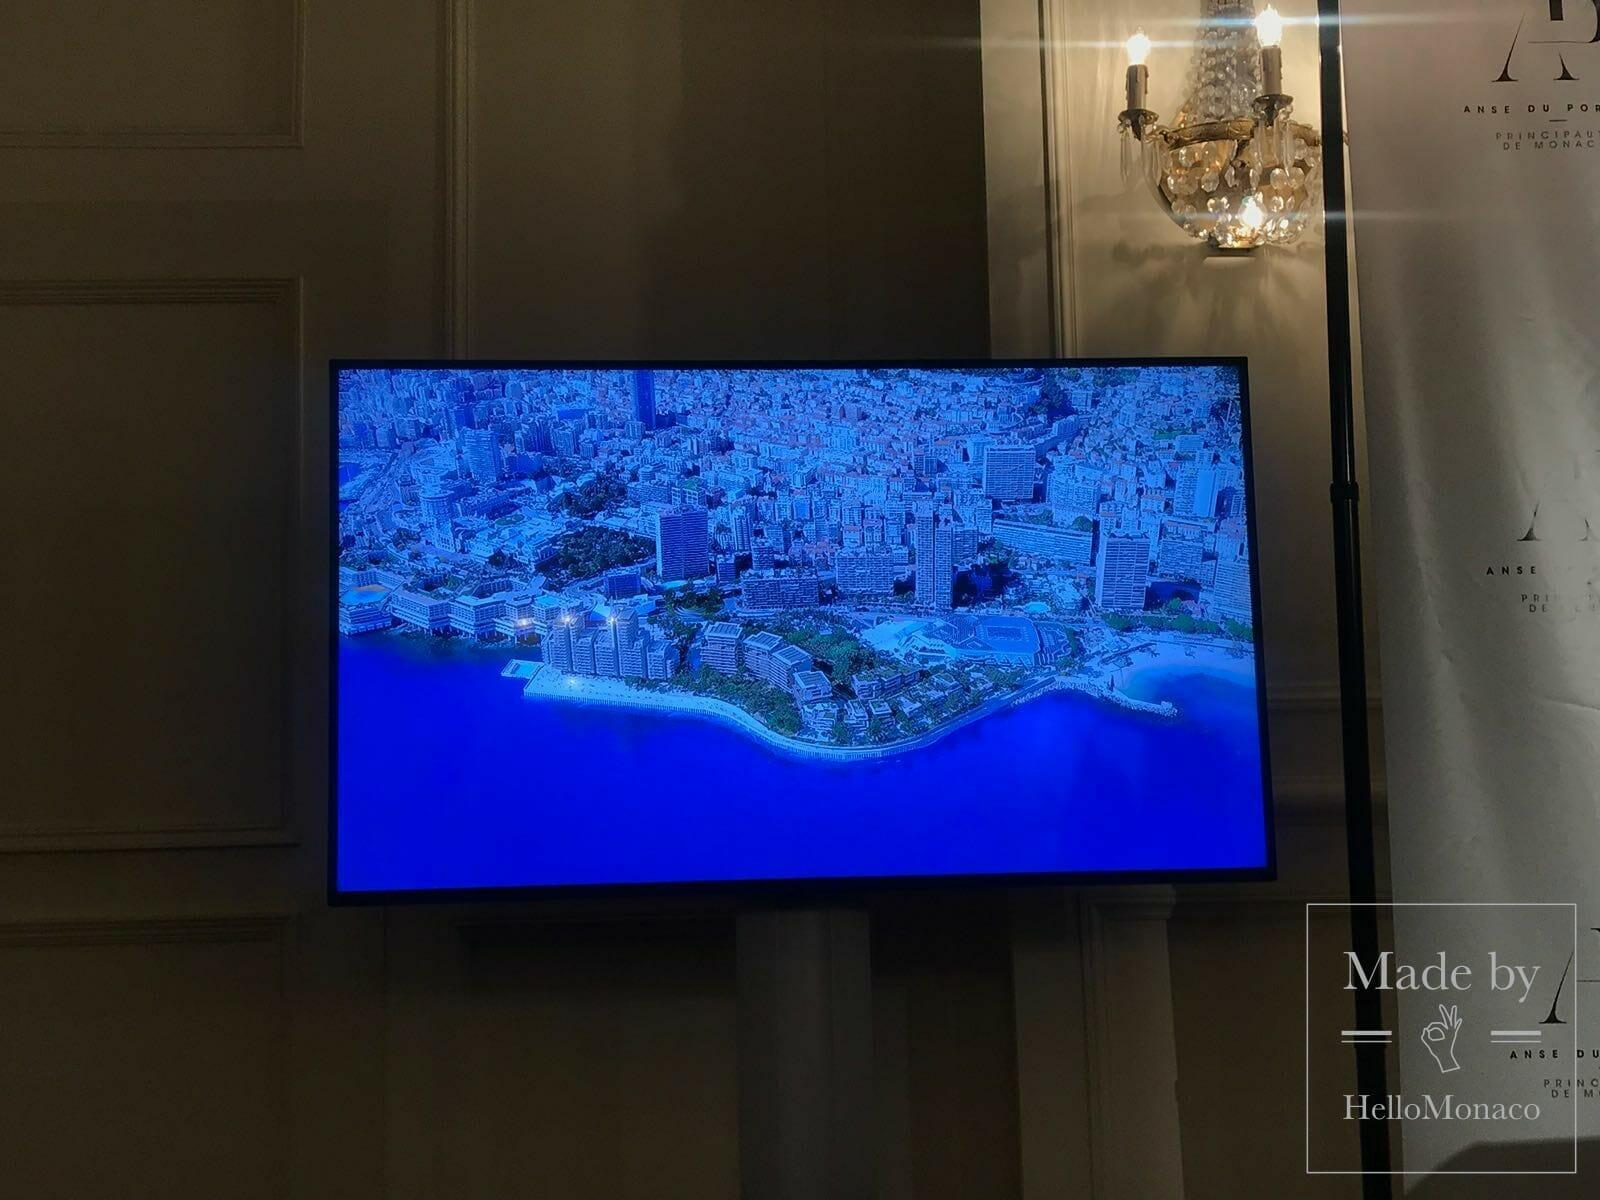 Первый «камень» нового эко-квартала Портье заложен